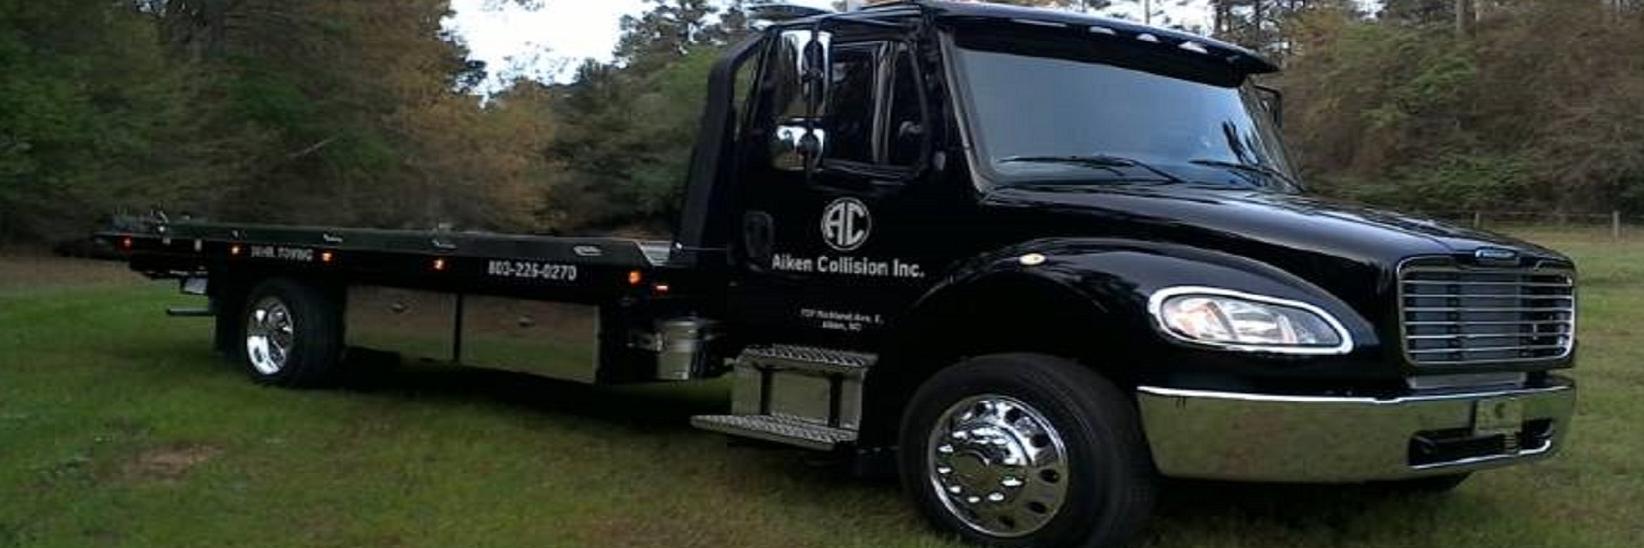 Aiken Collision Inc. Towing.com Profile Banner